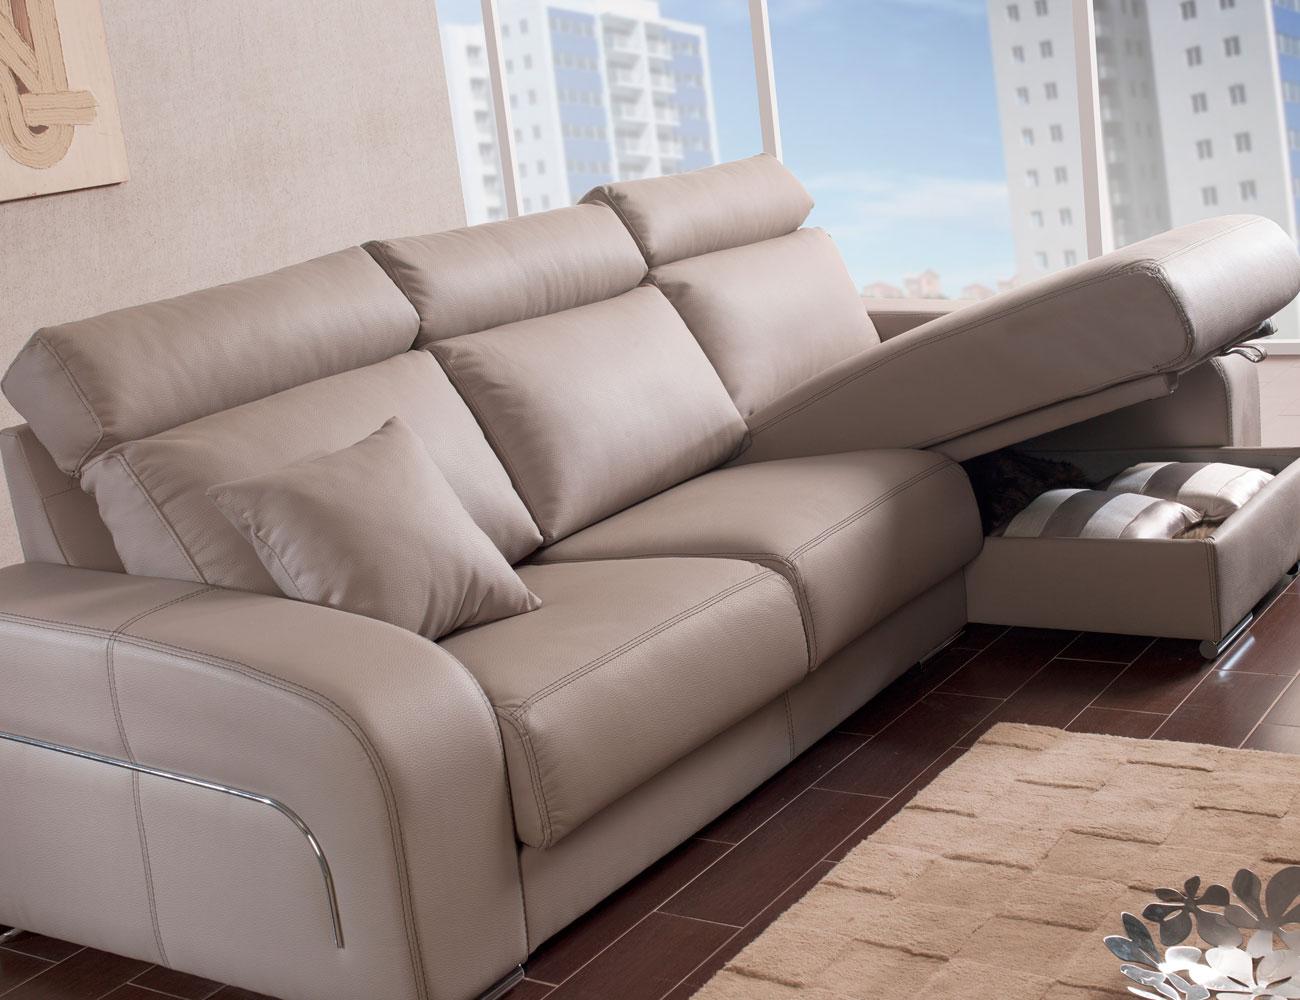 Sofa chaiselongue moderno pared cero arcon19